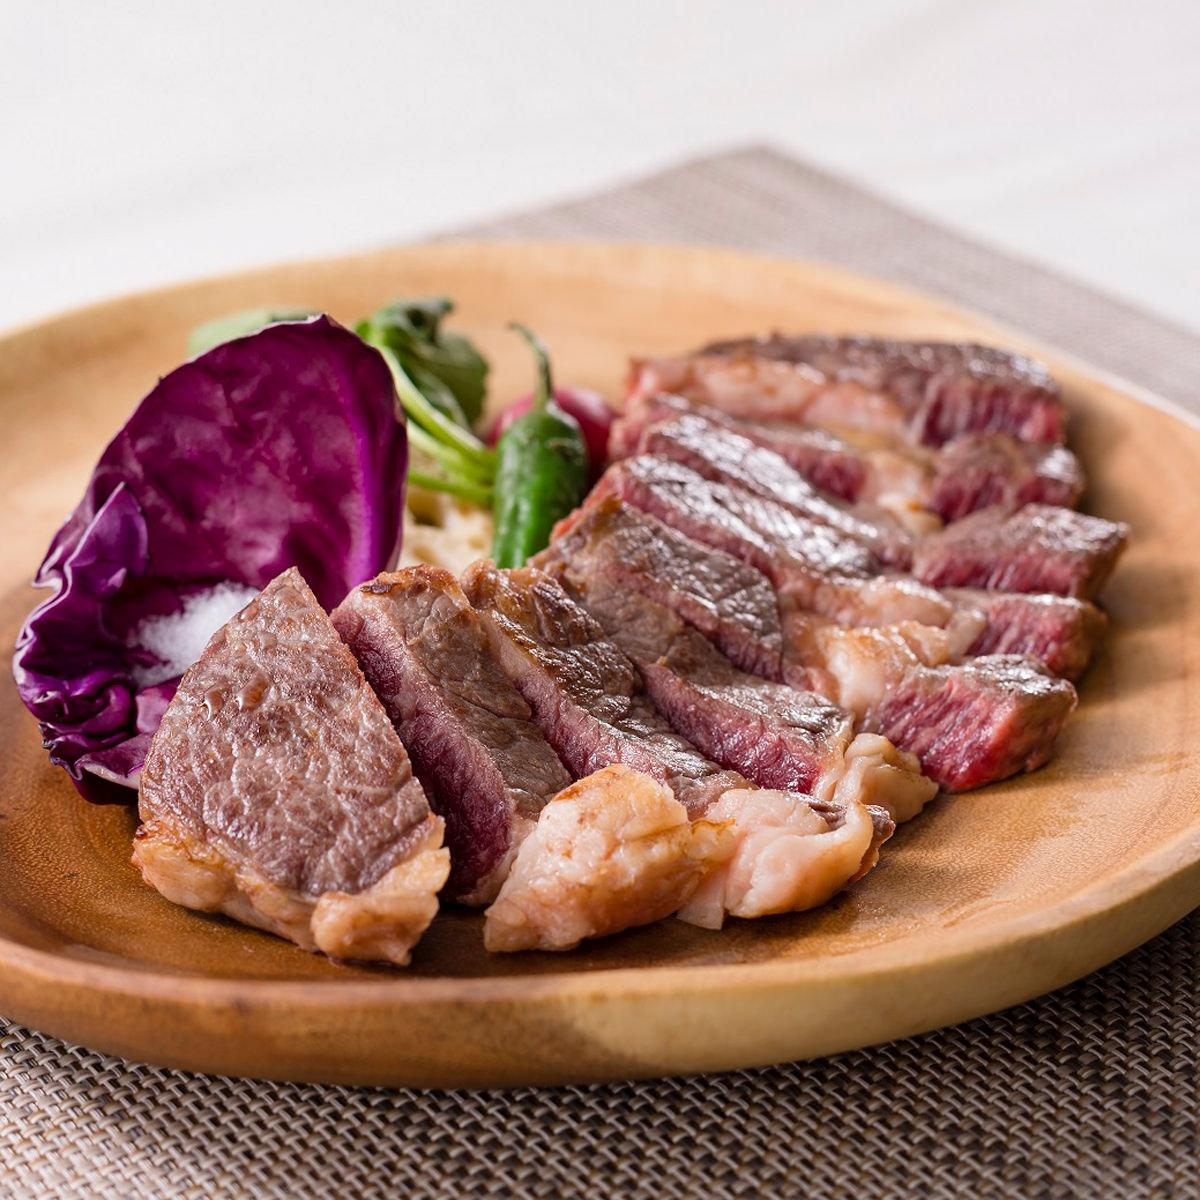 発酵熟成肉ステーキ  チャックアイロール (US産牛肩ロース) 〔200g×1〕岡山県 石井食品